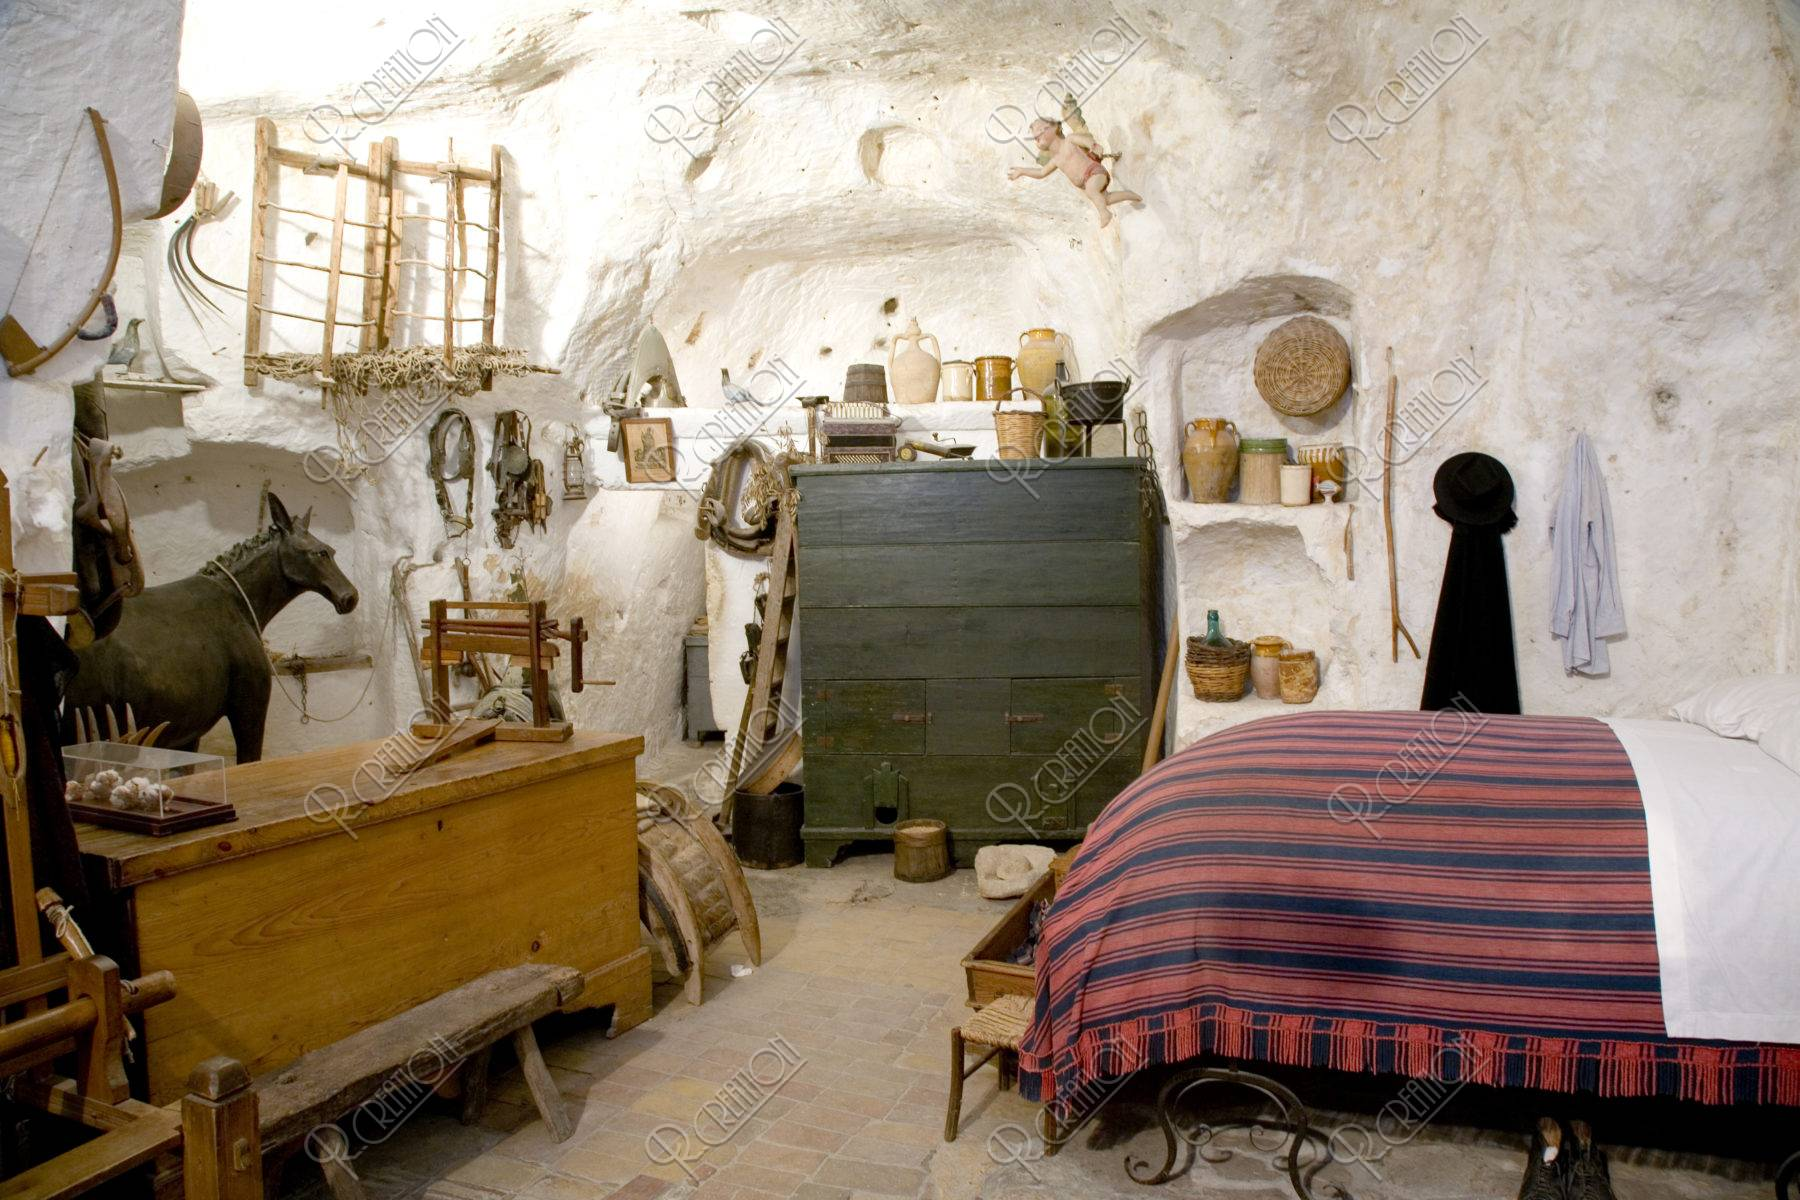 洞窟住居内部 W